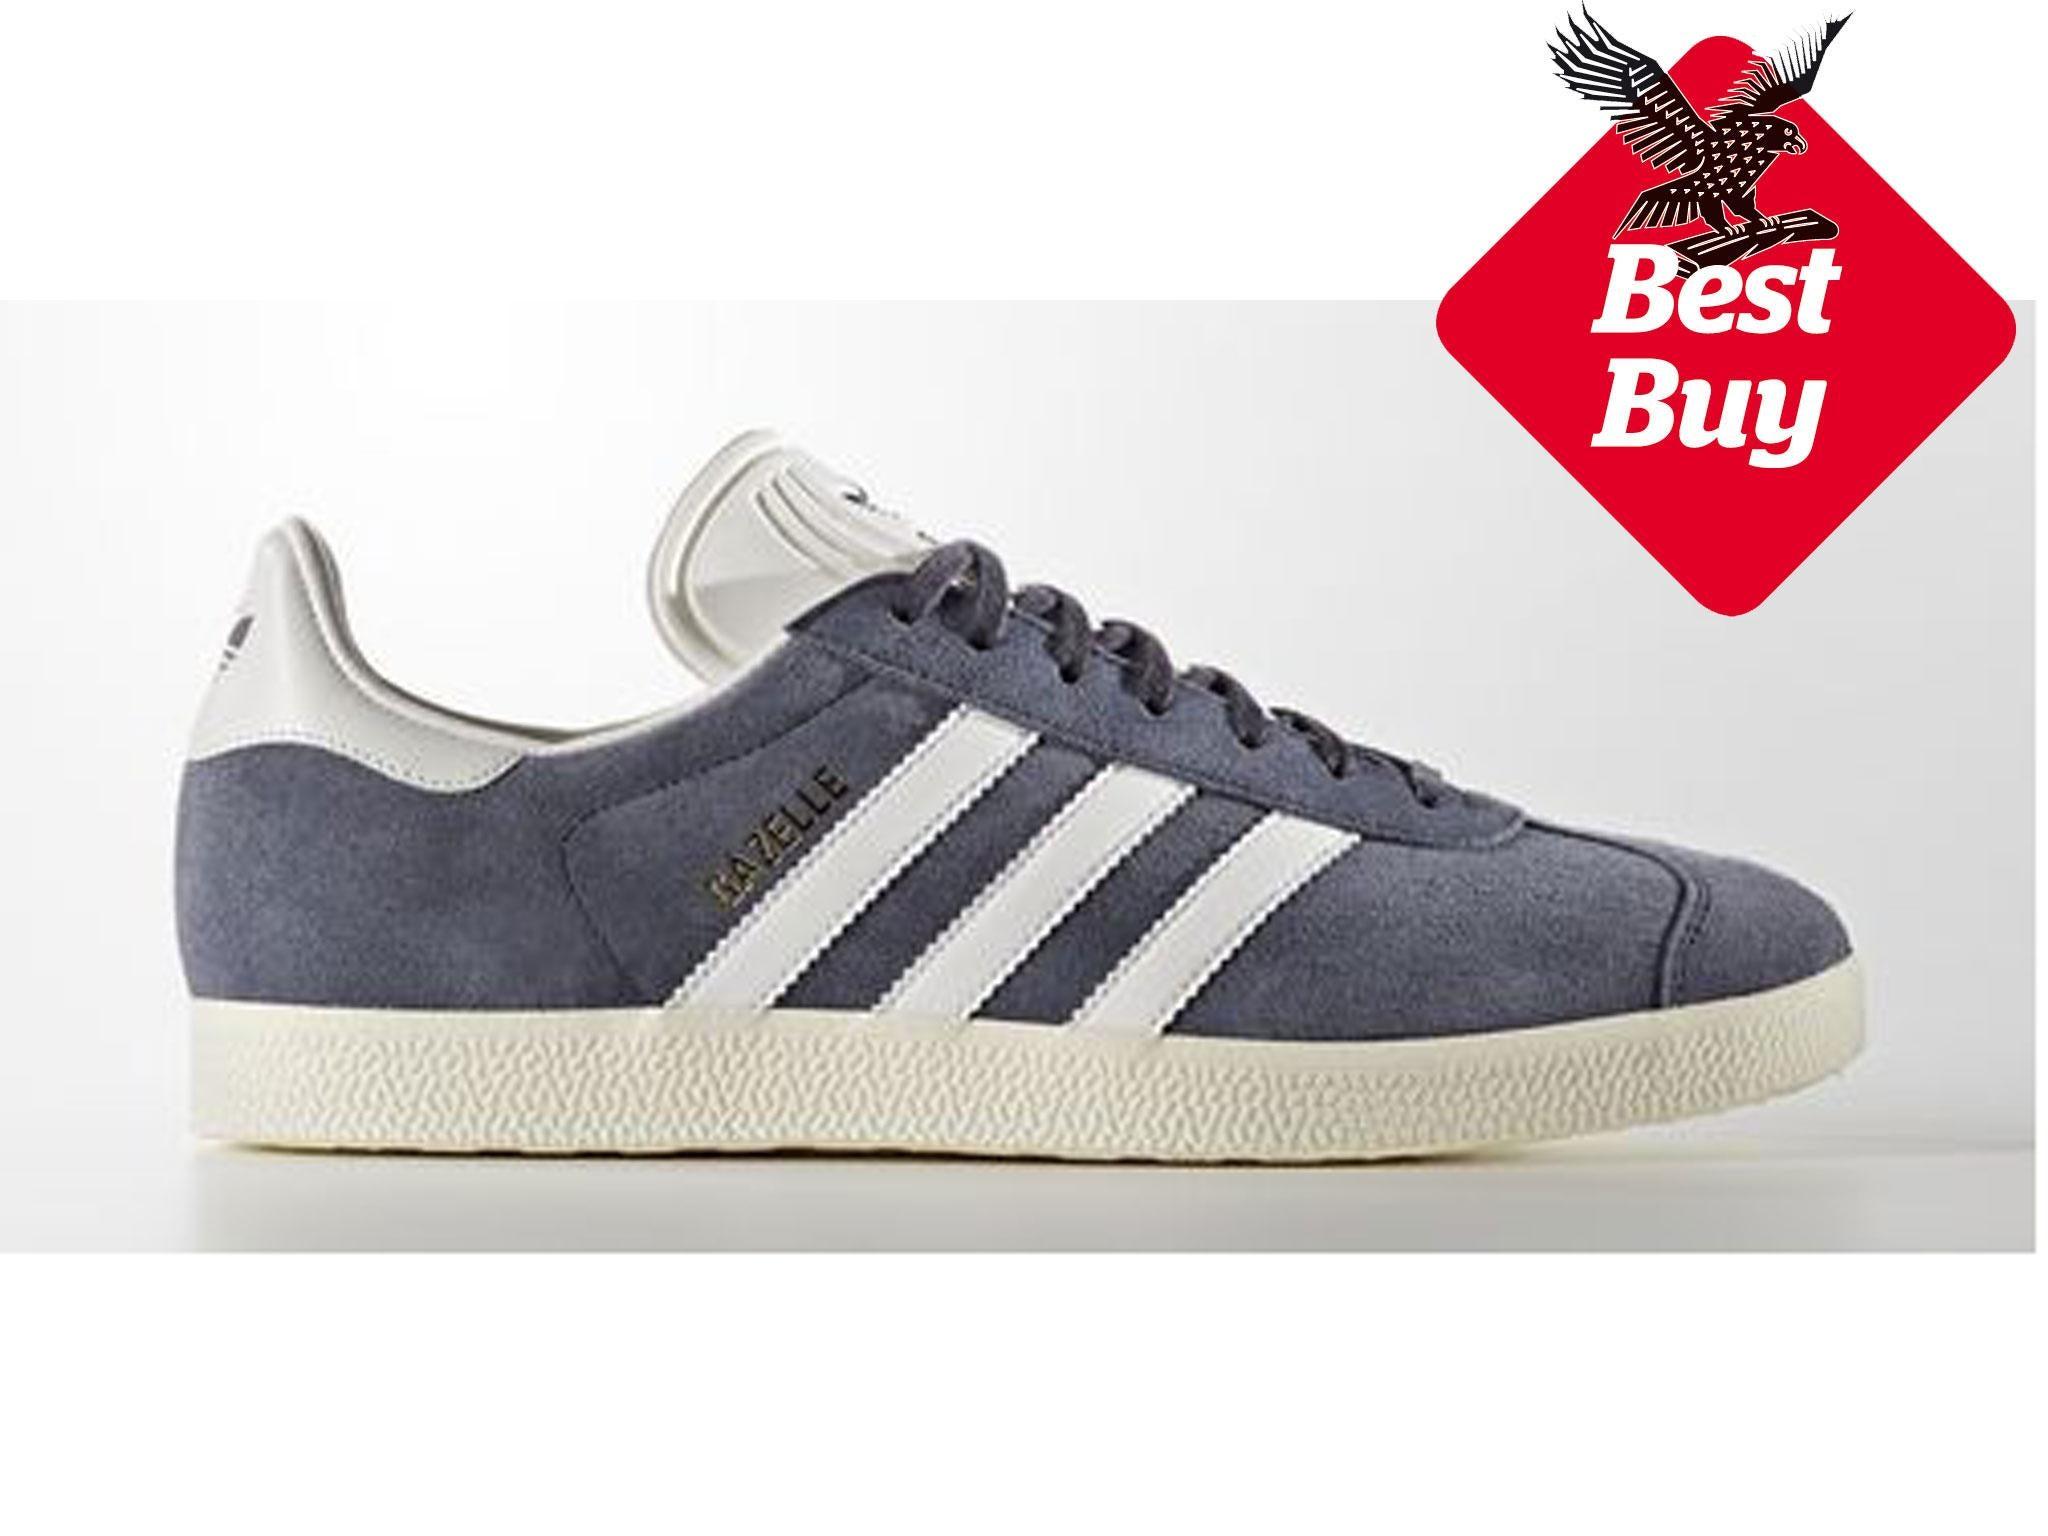 5fd598cd5e3 10 best men s summer shoes